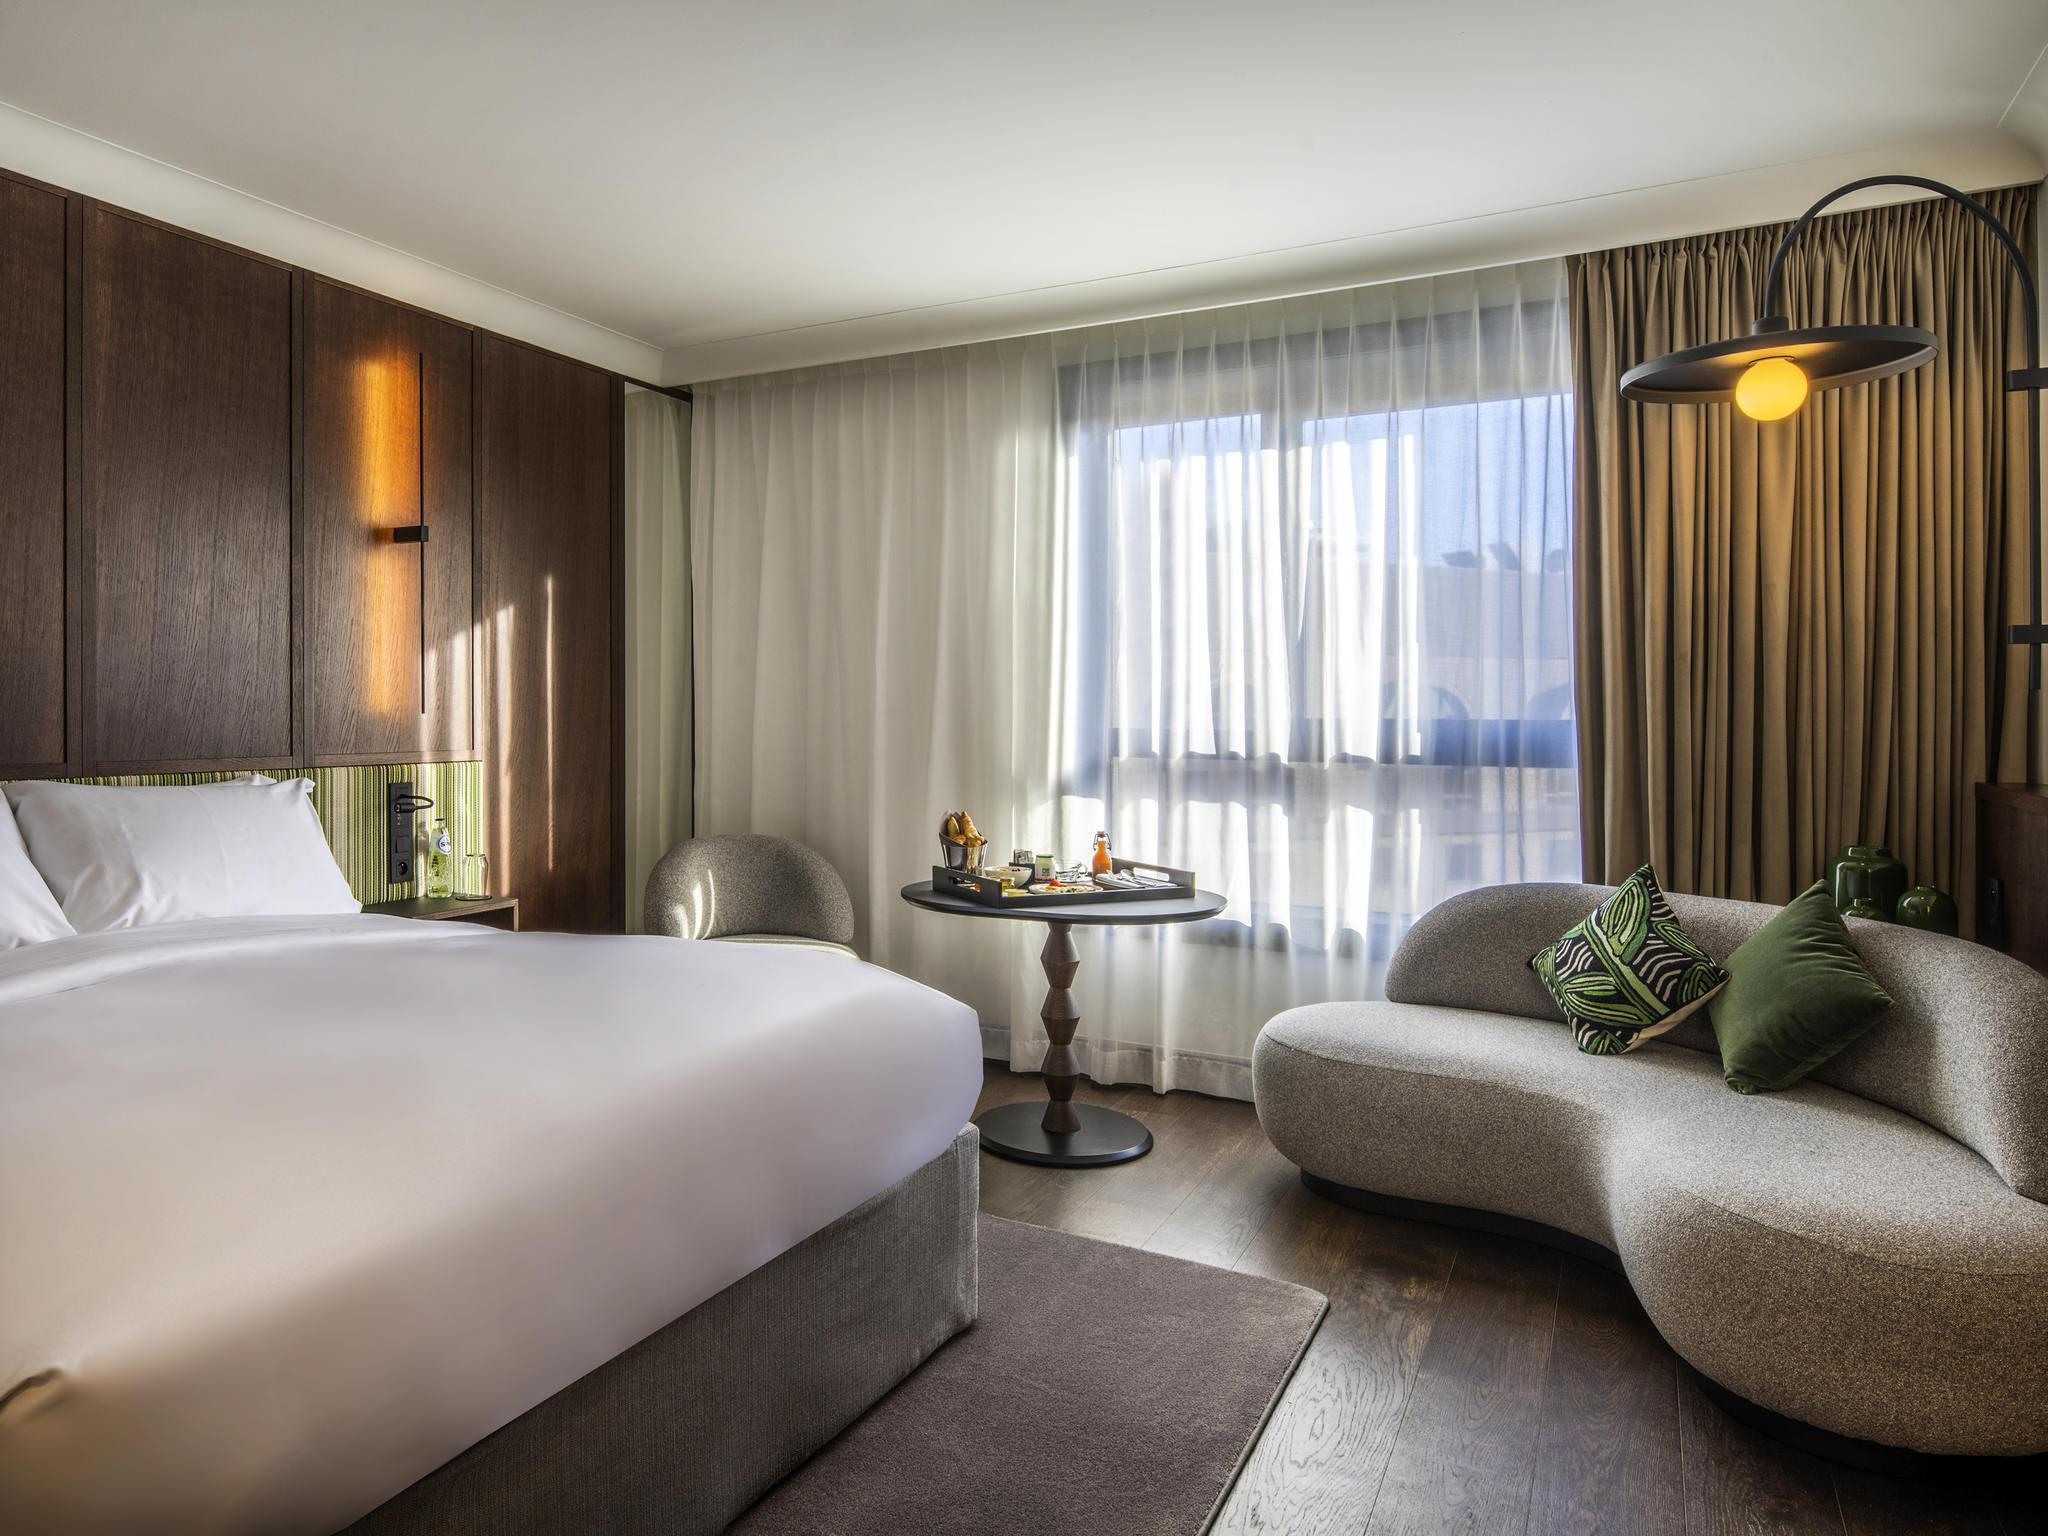 โรงแรม – โซฟิเทล บรัสเซลส์ เลอ ลูอีส